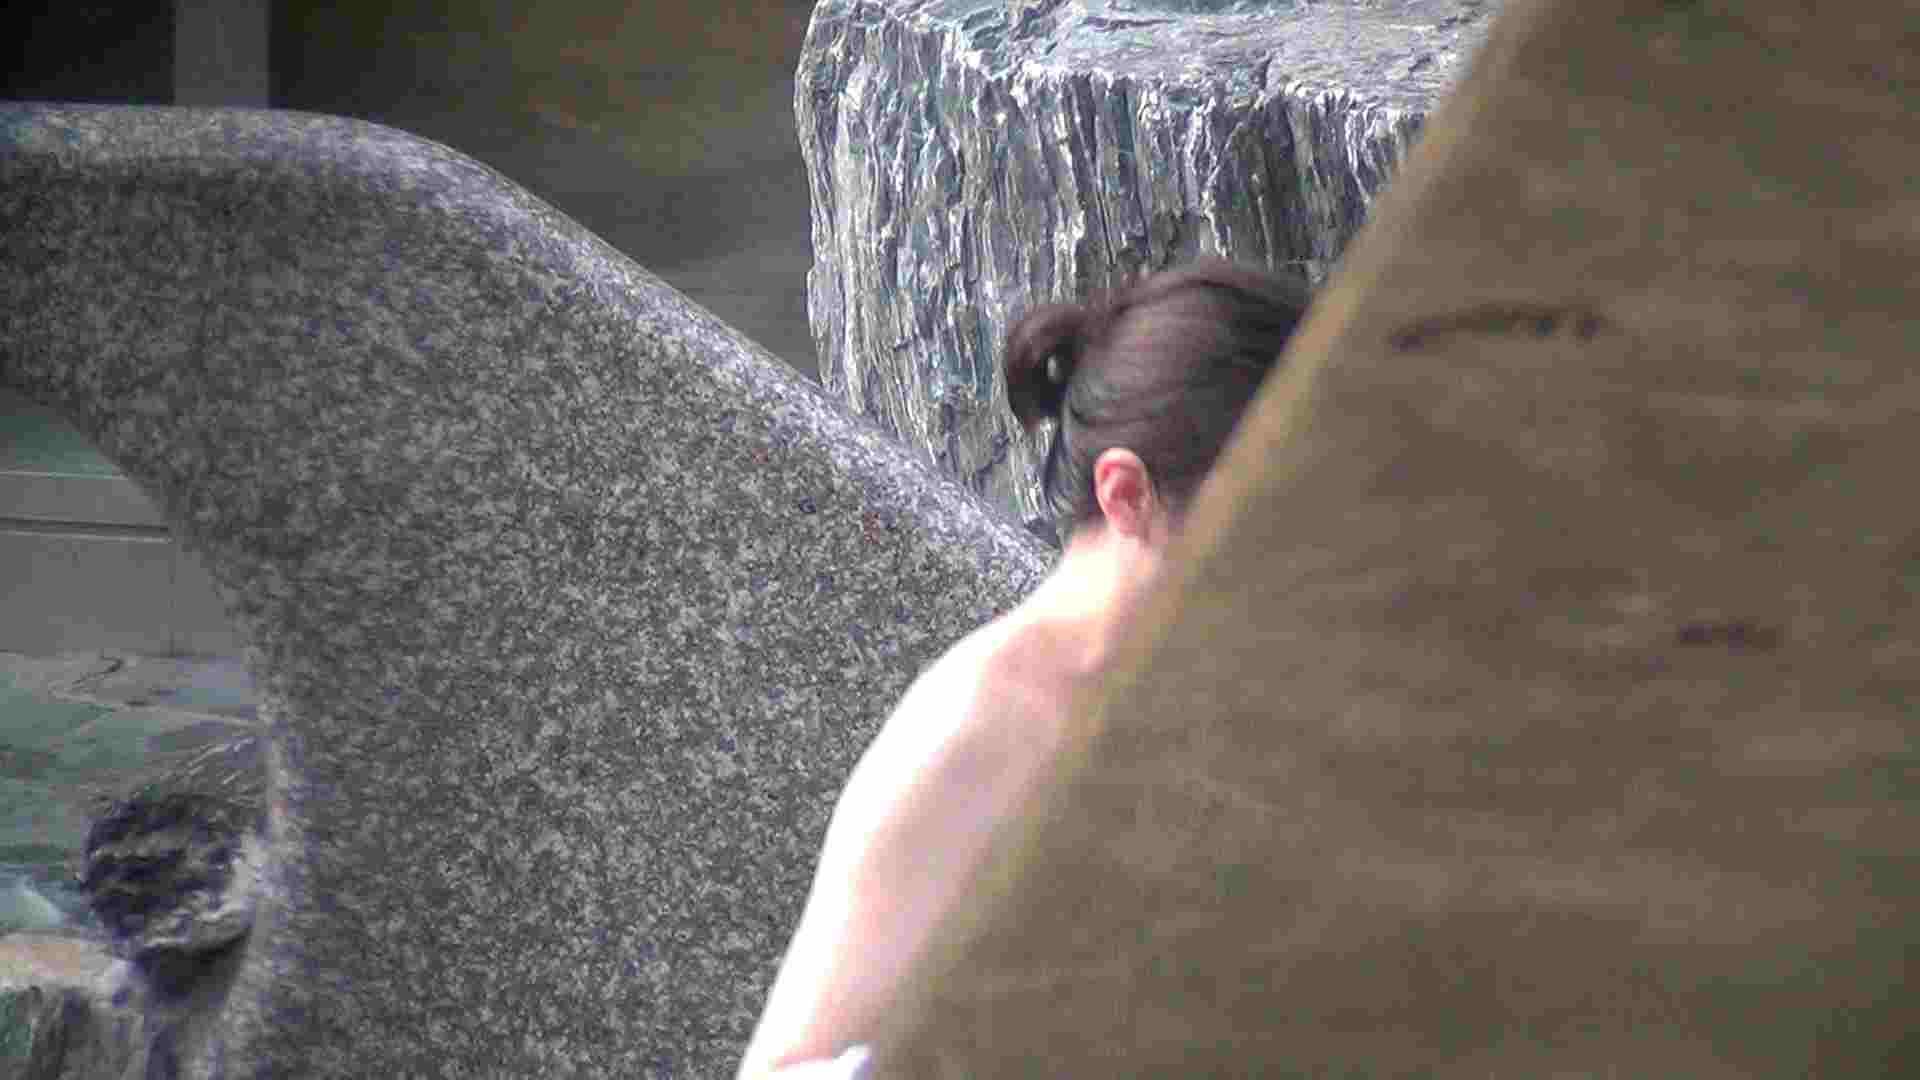 Vol.66 血縁関係三人の裸体鑑賞 タオルが憎い 美女 AV動画キャプチャ 102連発 75